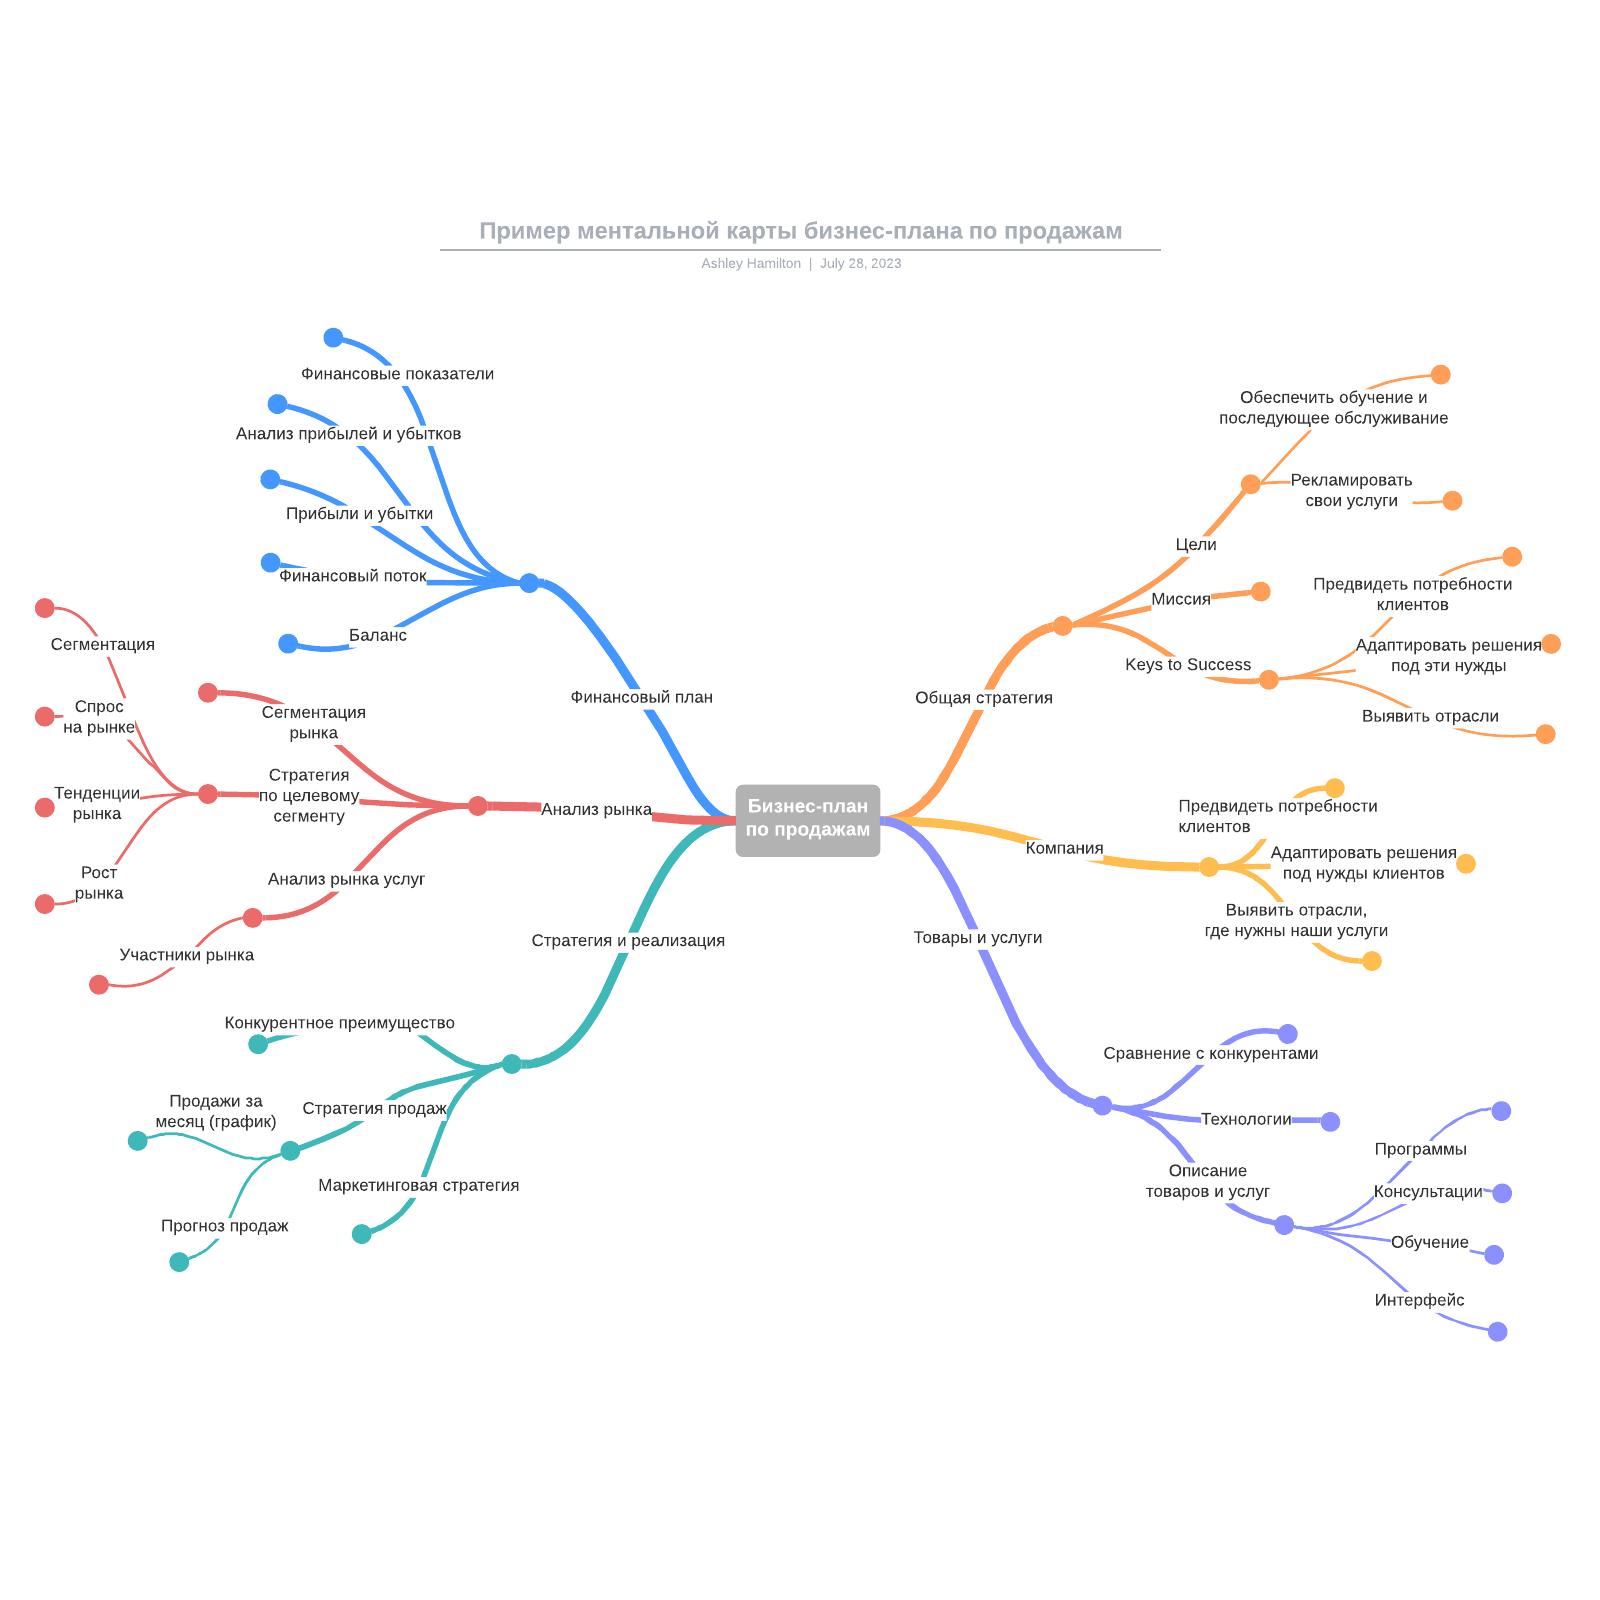 Пример ментальной карты бизнес-плана по продажам